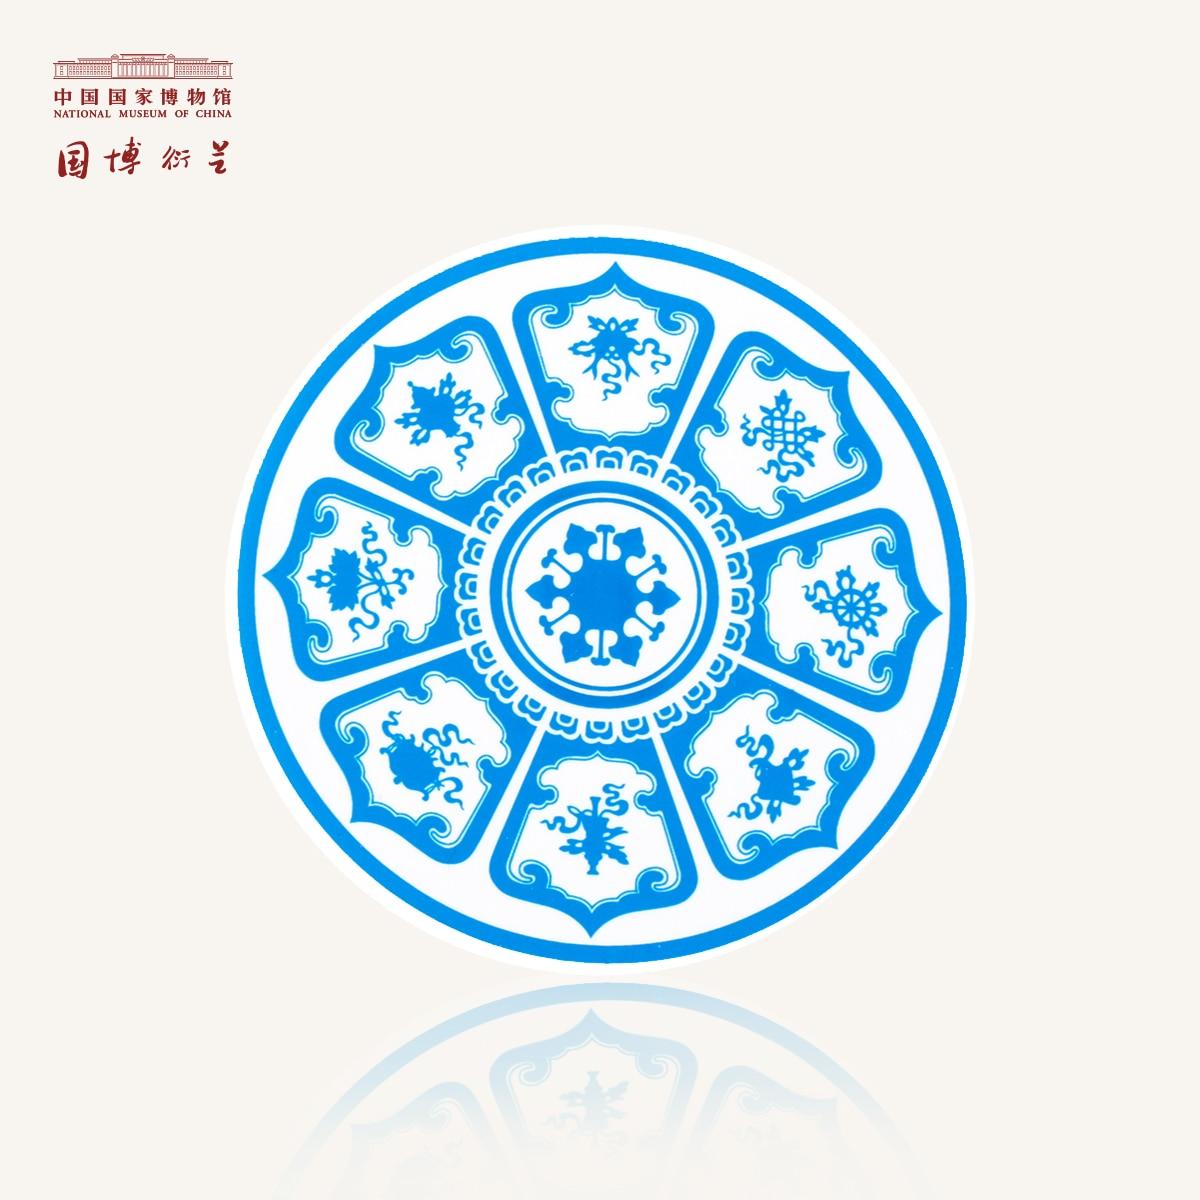 Unikátní NÁRODNÍ MUZEUM ČÍNA Silikonové stolní podložky Creative Round Mats Čína Tradiční porcelánový tisk Goasters Blue and White